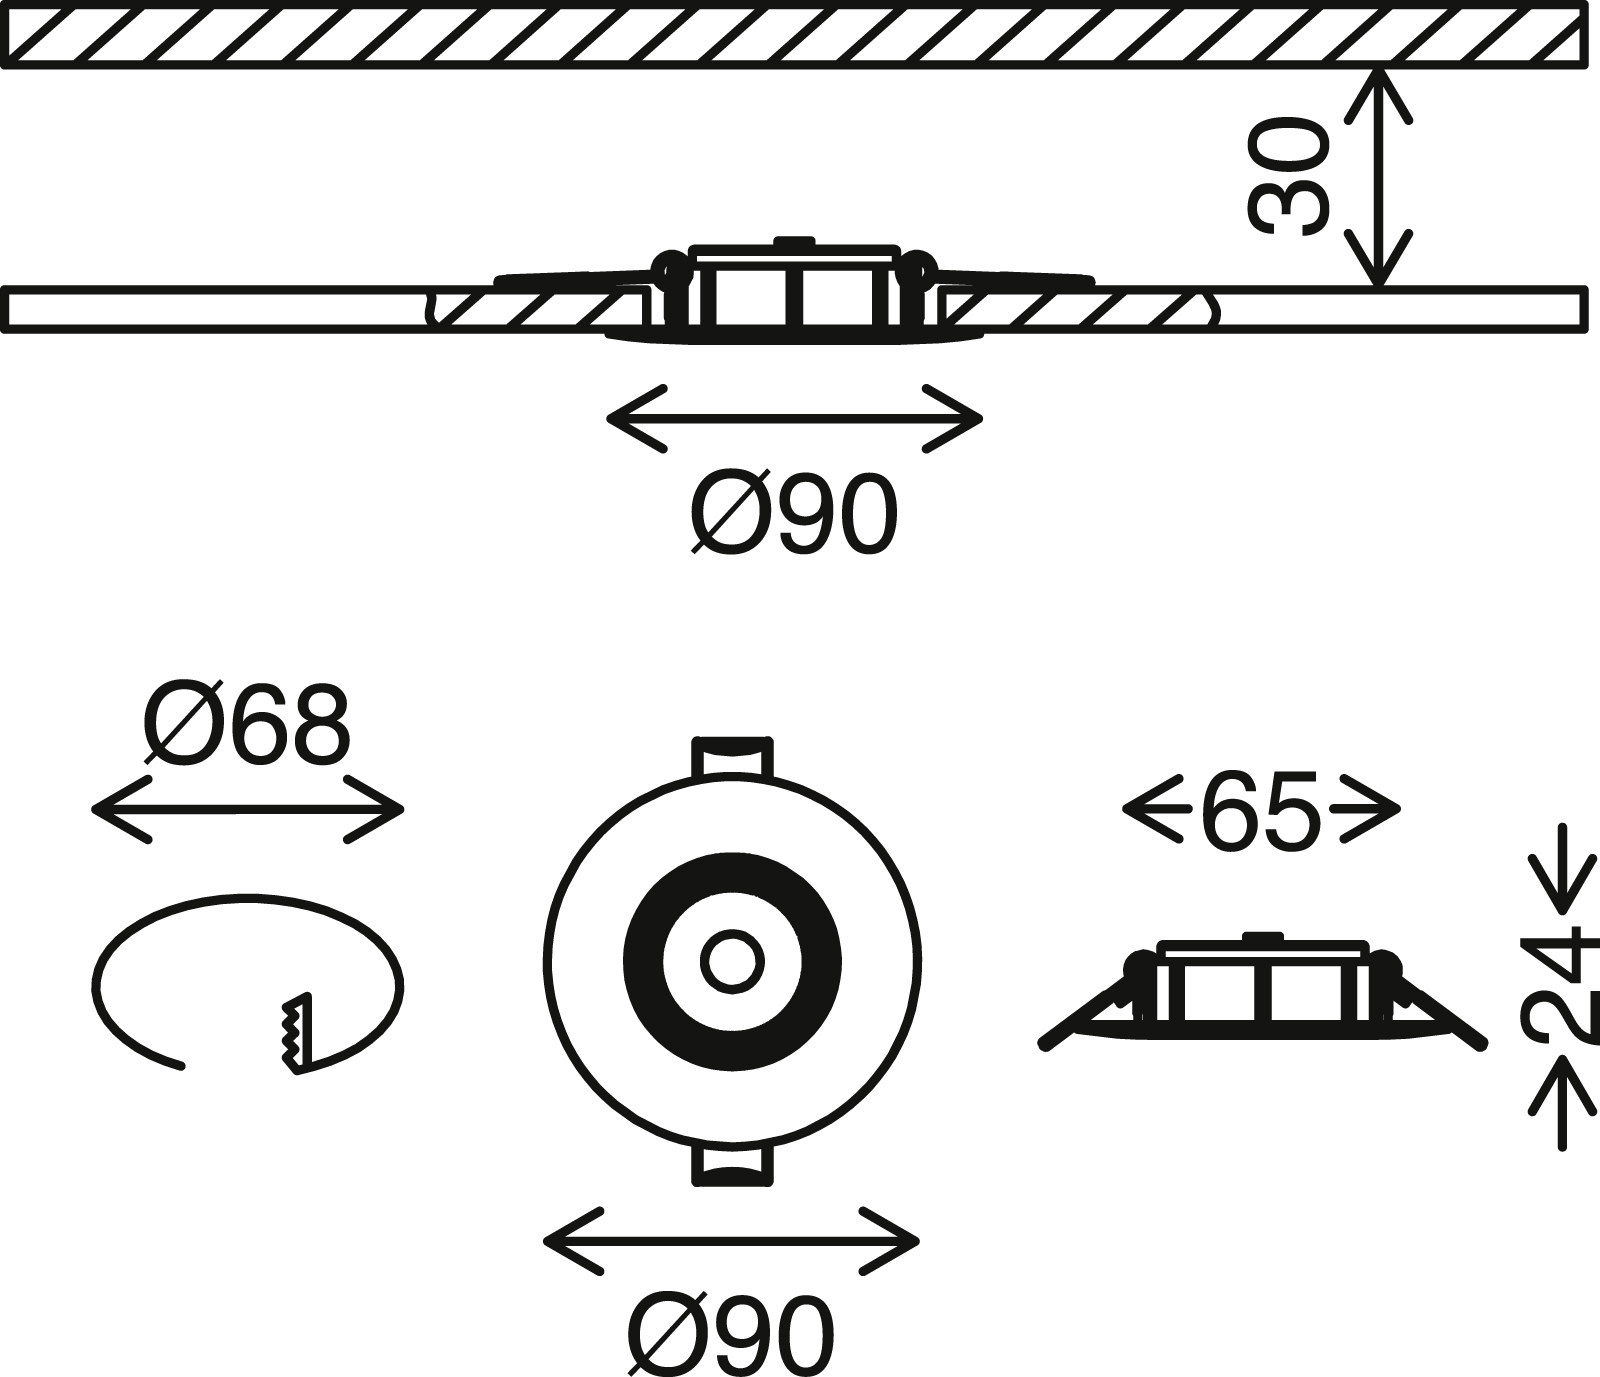 Ultraflache LED Einbauleuchte, Ø 9 cm, 5 W, Weiss